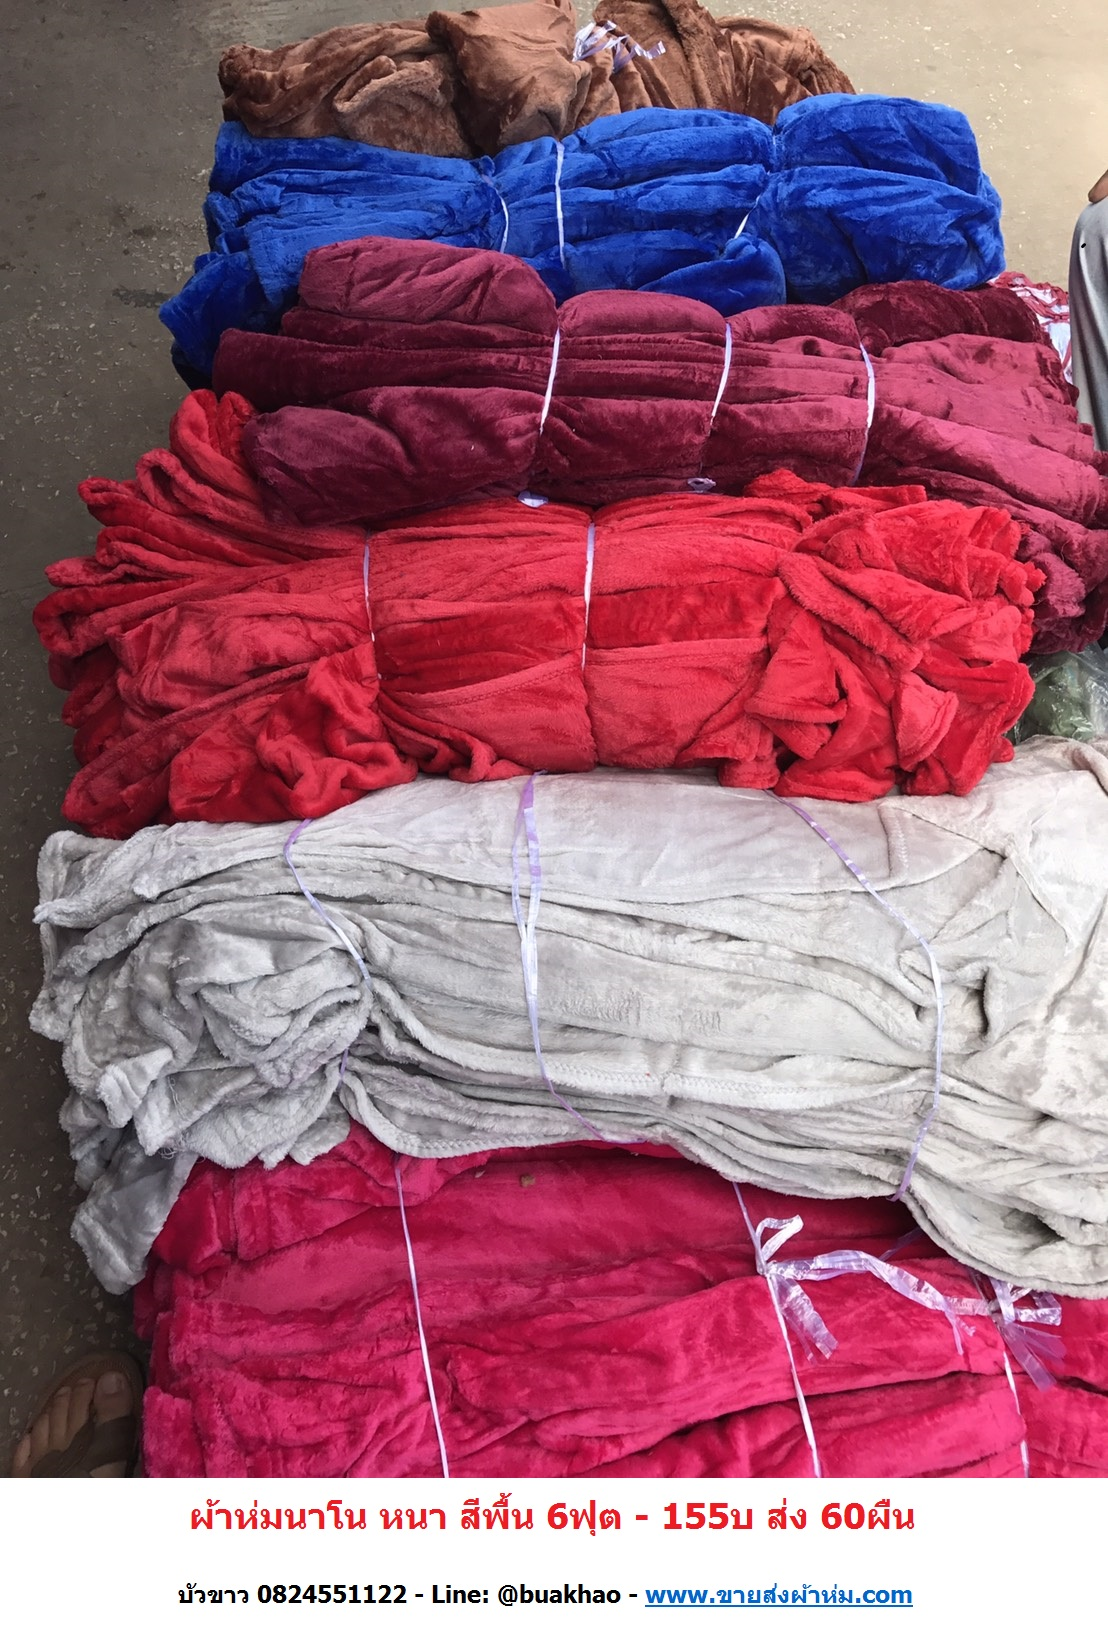 ผ้าห่มนาโน สีพื้น หนา 6ฟุต ผืนละ 150าท ส่ง 60ผืน